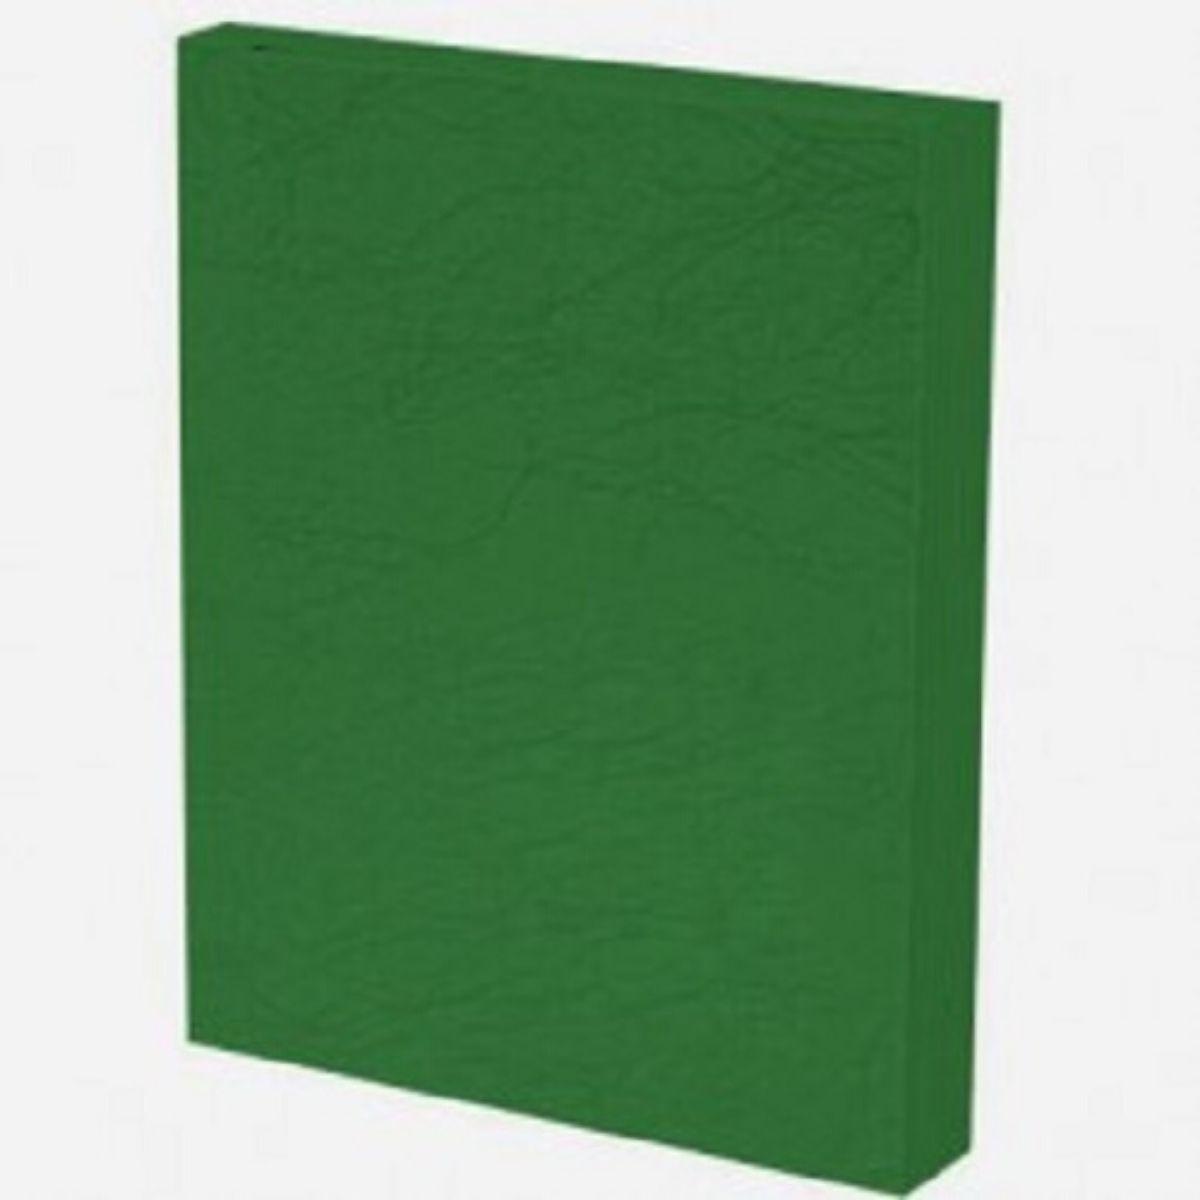 Capa para Encadernação PP 0,30mm A4 Verde Couro (Fundo) - Pacote com 100 unidades  - Click Suprimentos